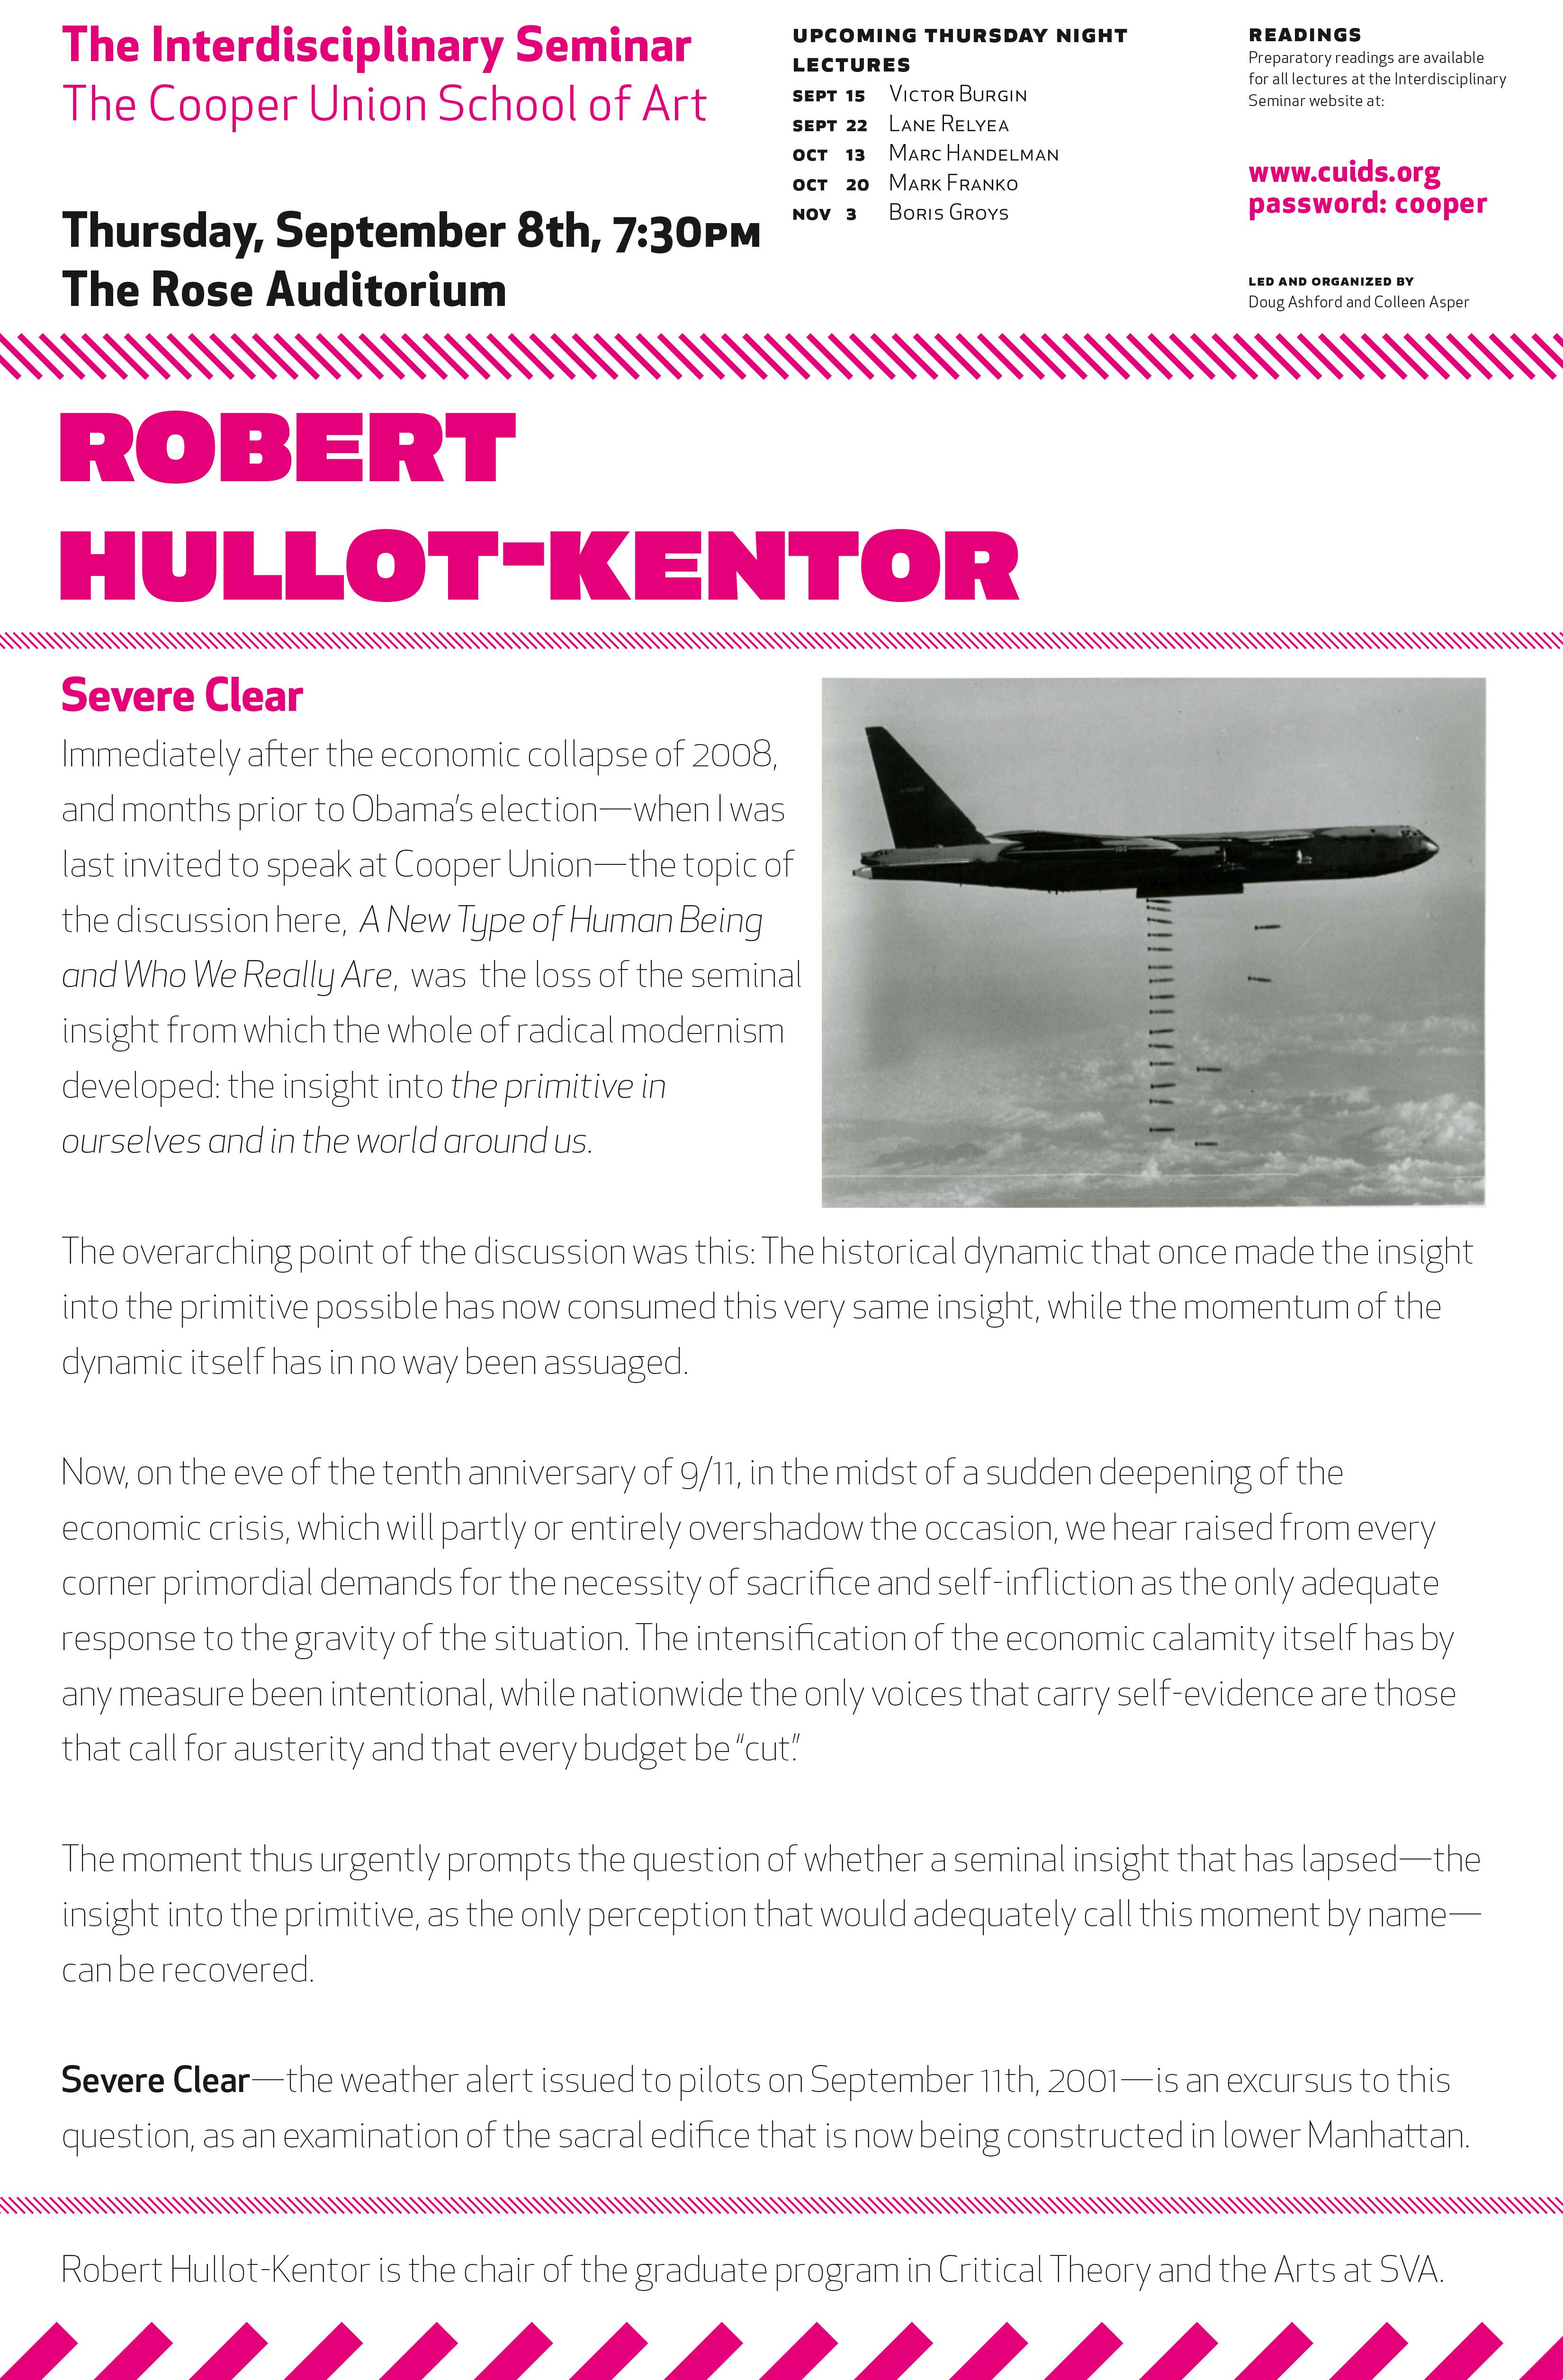 IDS-Fall11-Hullot-Kentor